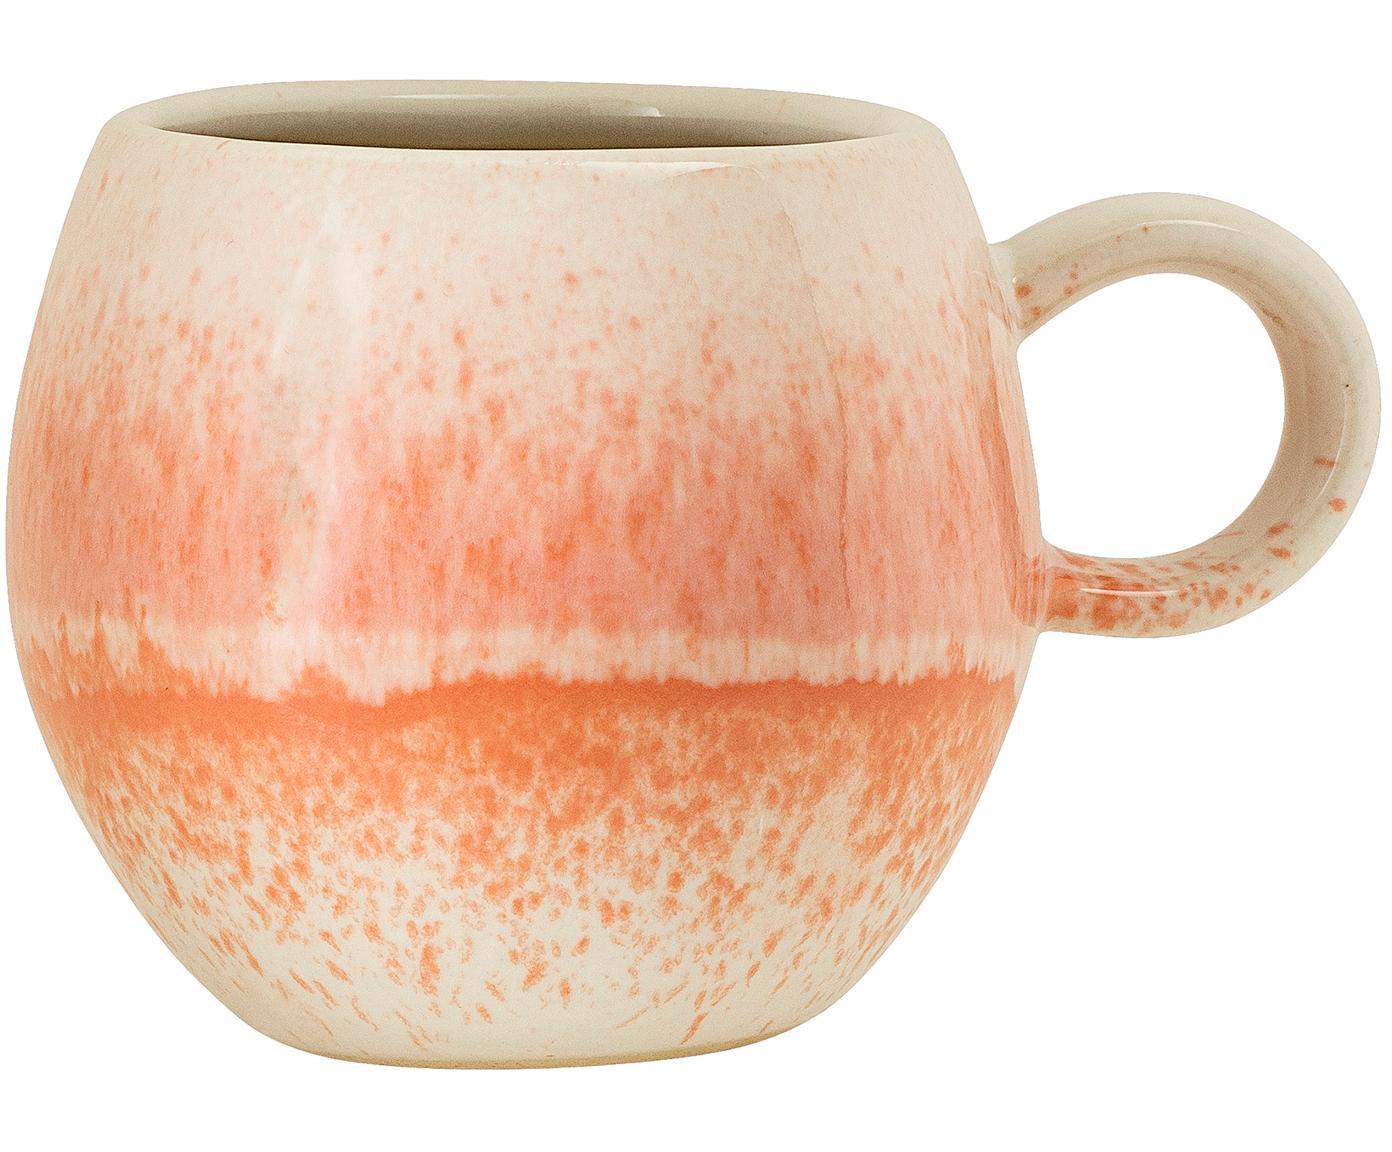 Kubek Paula, Ceramika, Pomarańczowy, odcienie kremowego, Ø 9 x W 8 cm